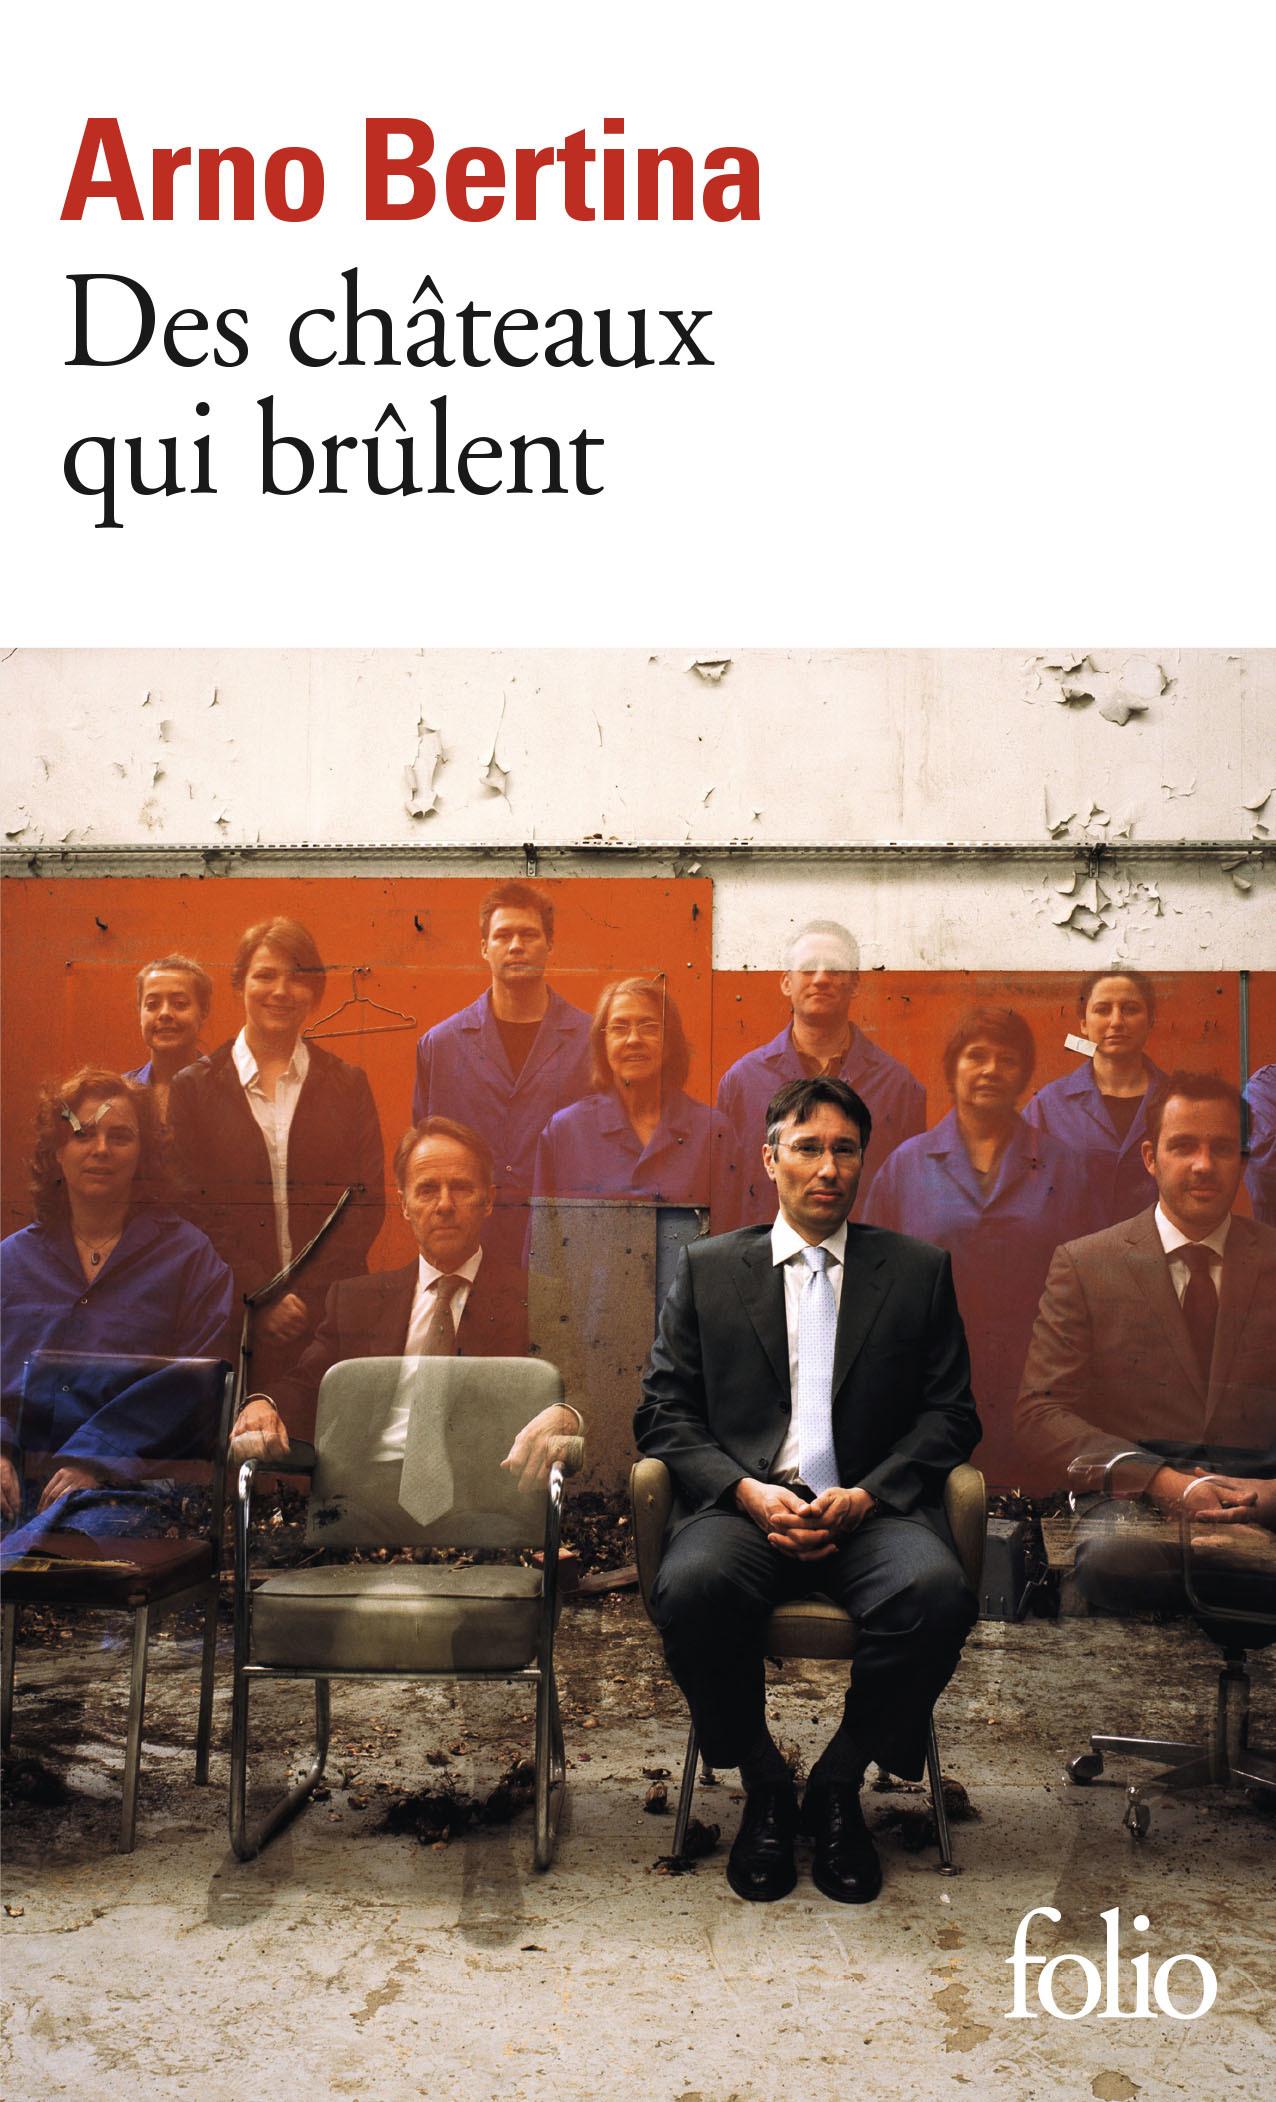 DES CHATEAUX QUI BRULENT